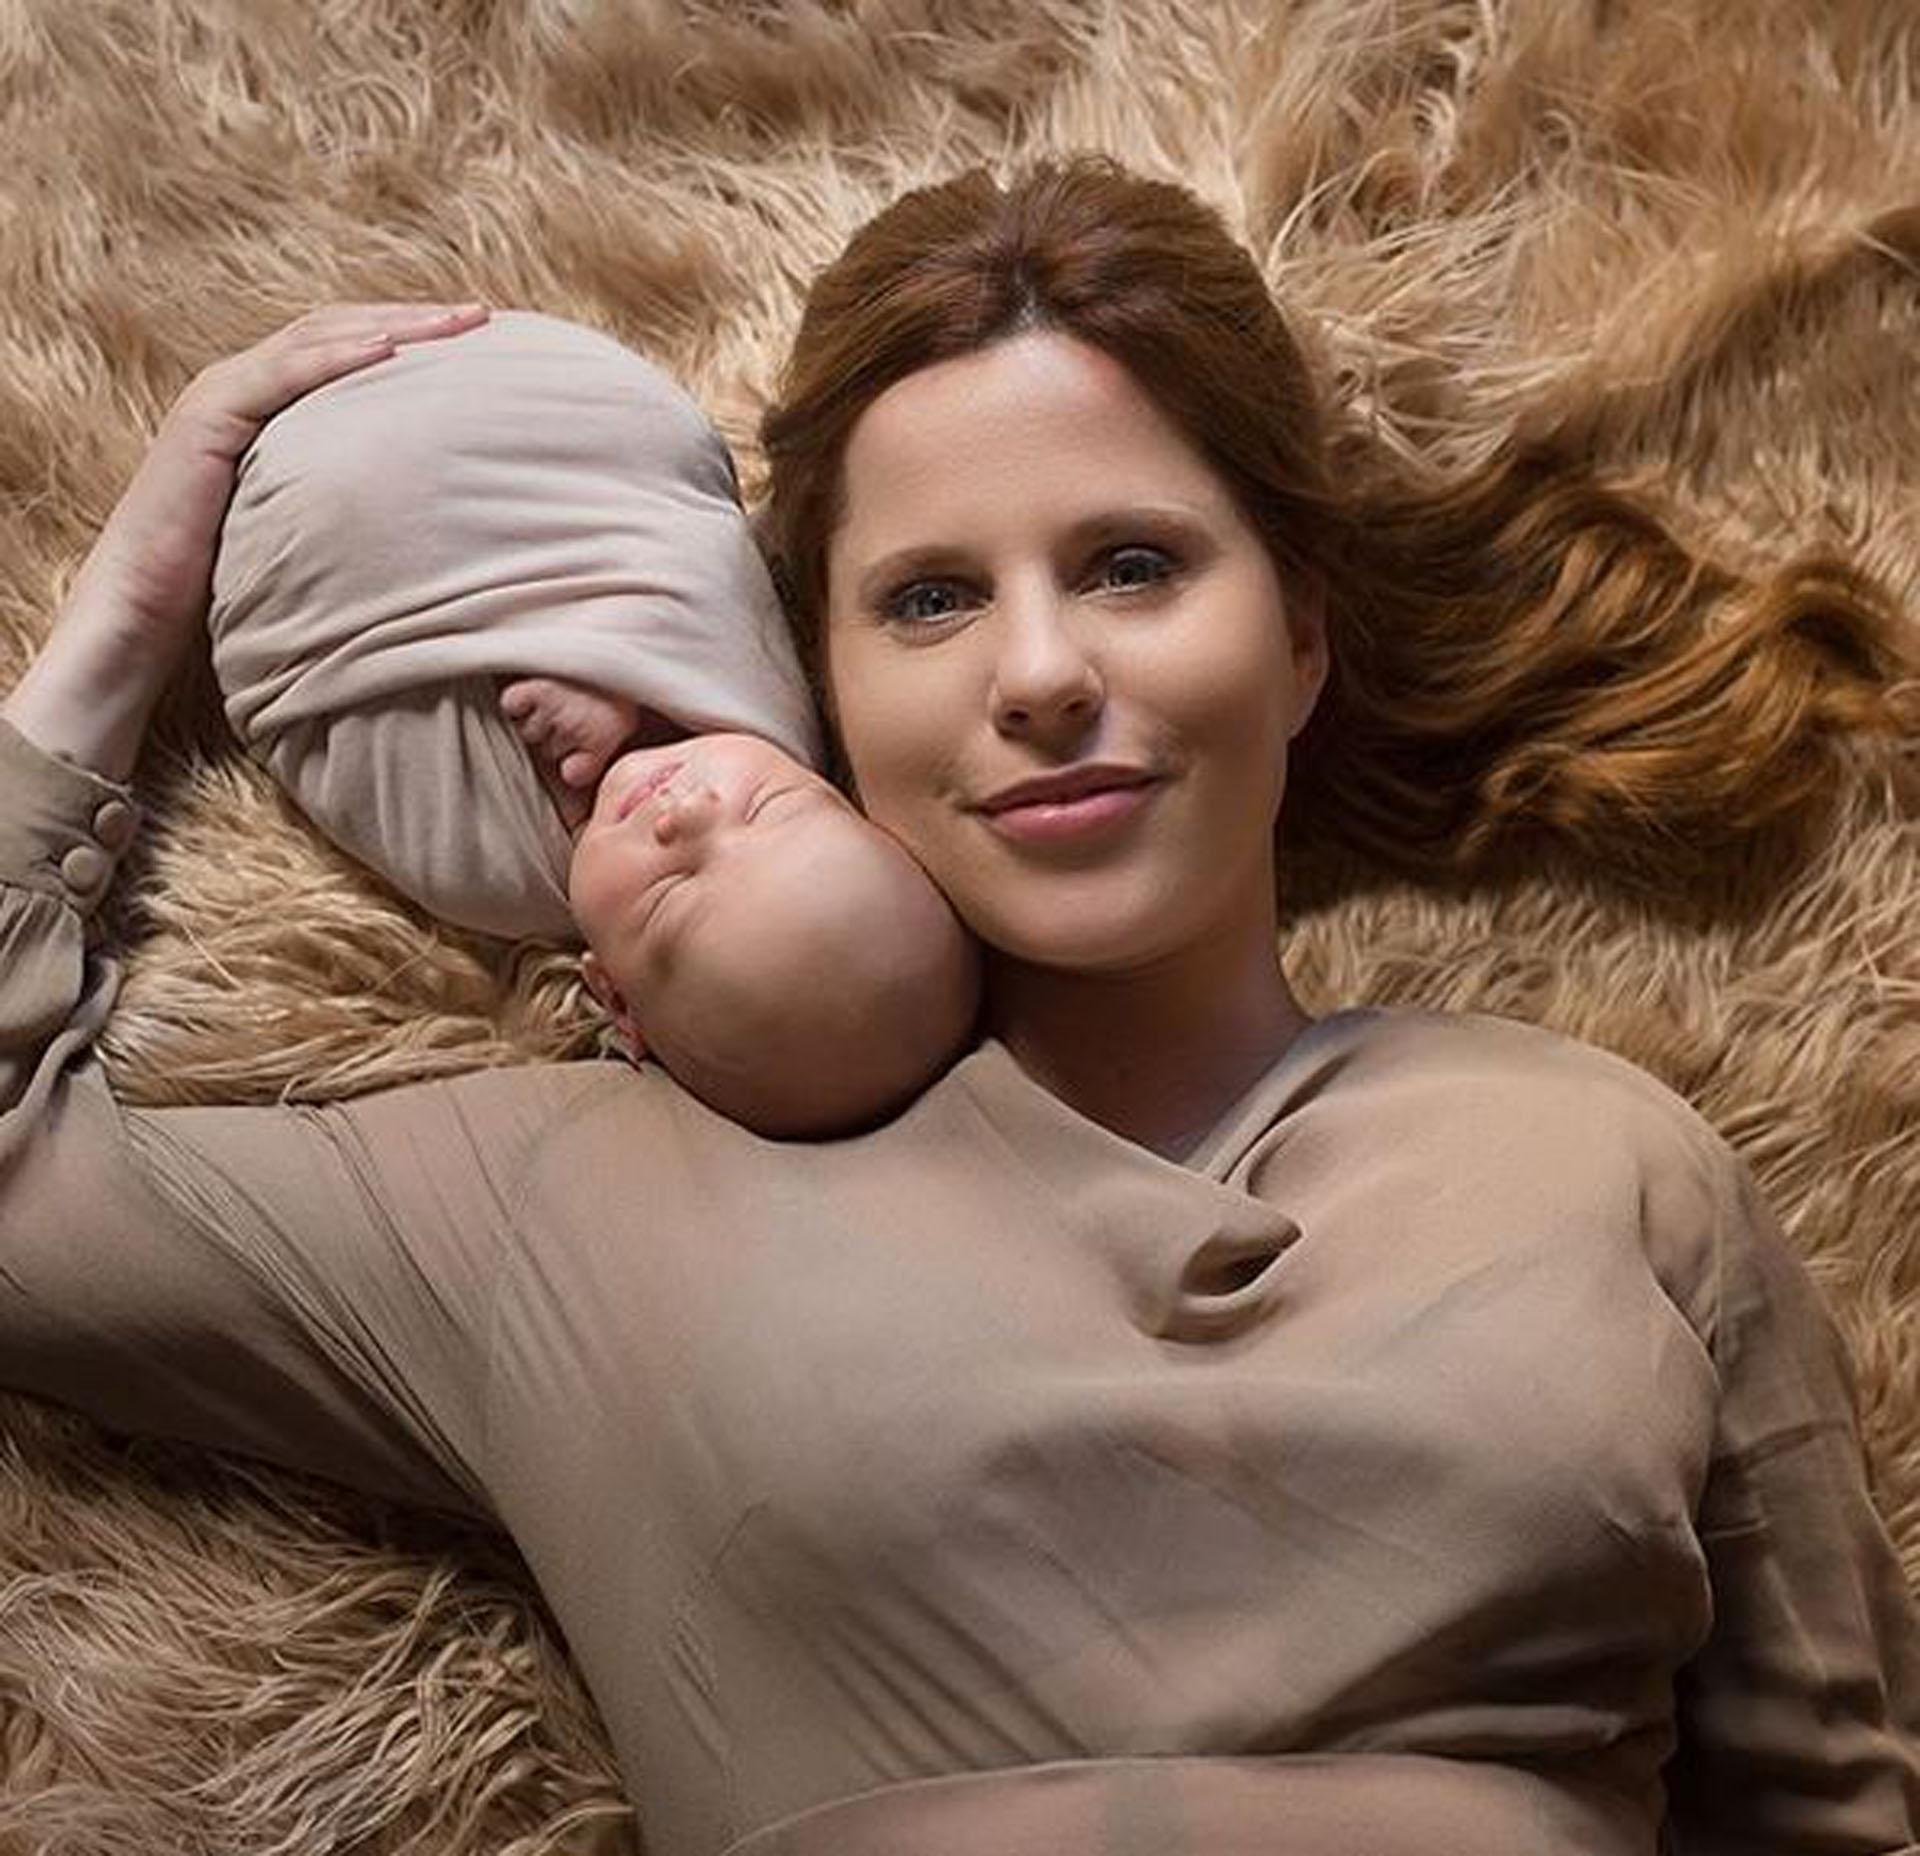 ¡Muy tierno! La producción de fotos de Agustina Kämpfer con su bebé